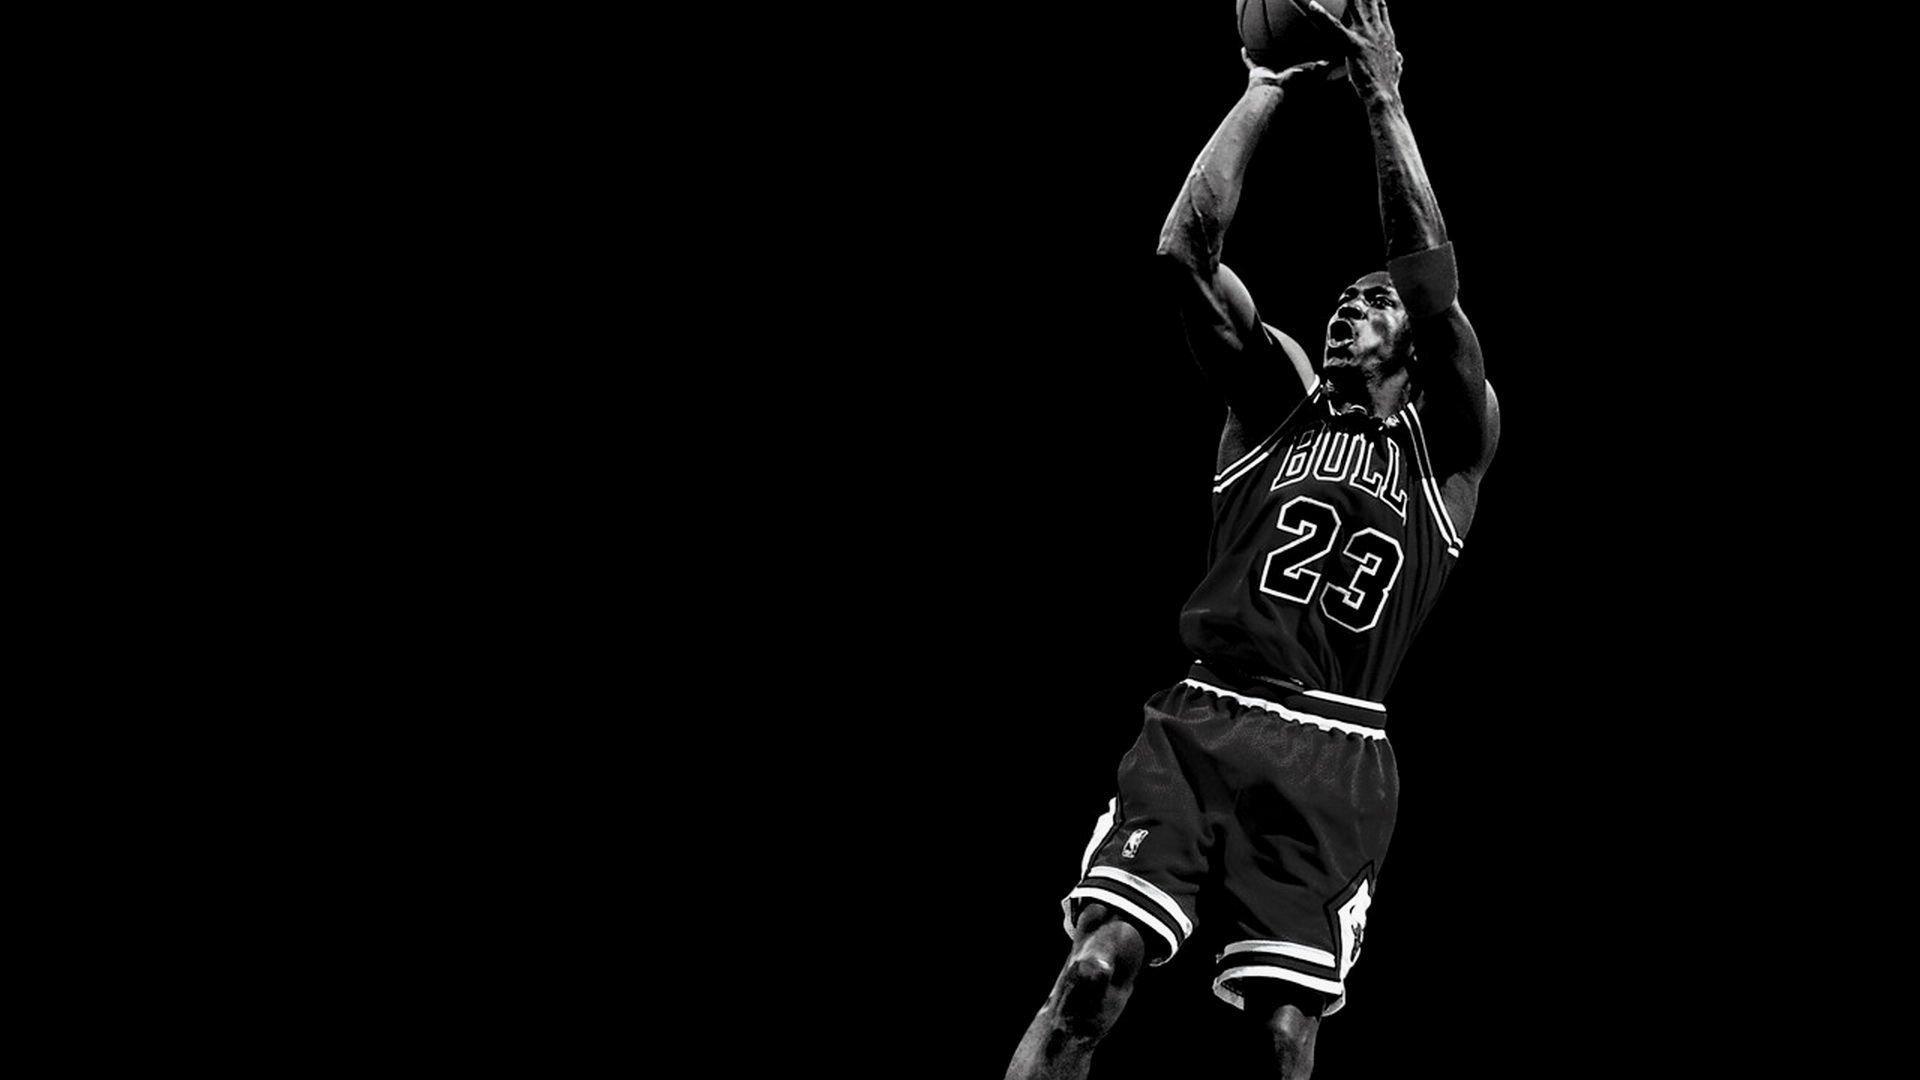 Michael-Jordan-Chicago-Bulls-Wallpapers-HD